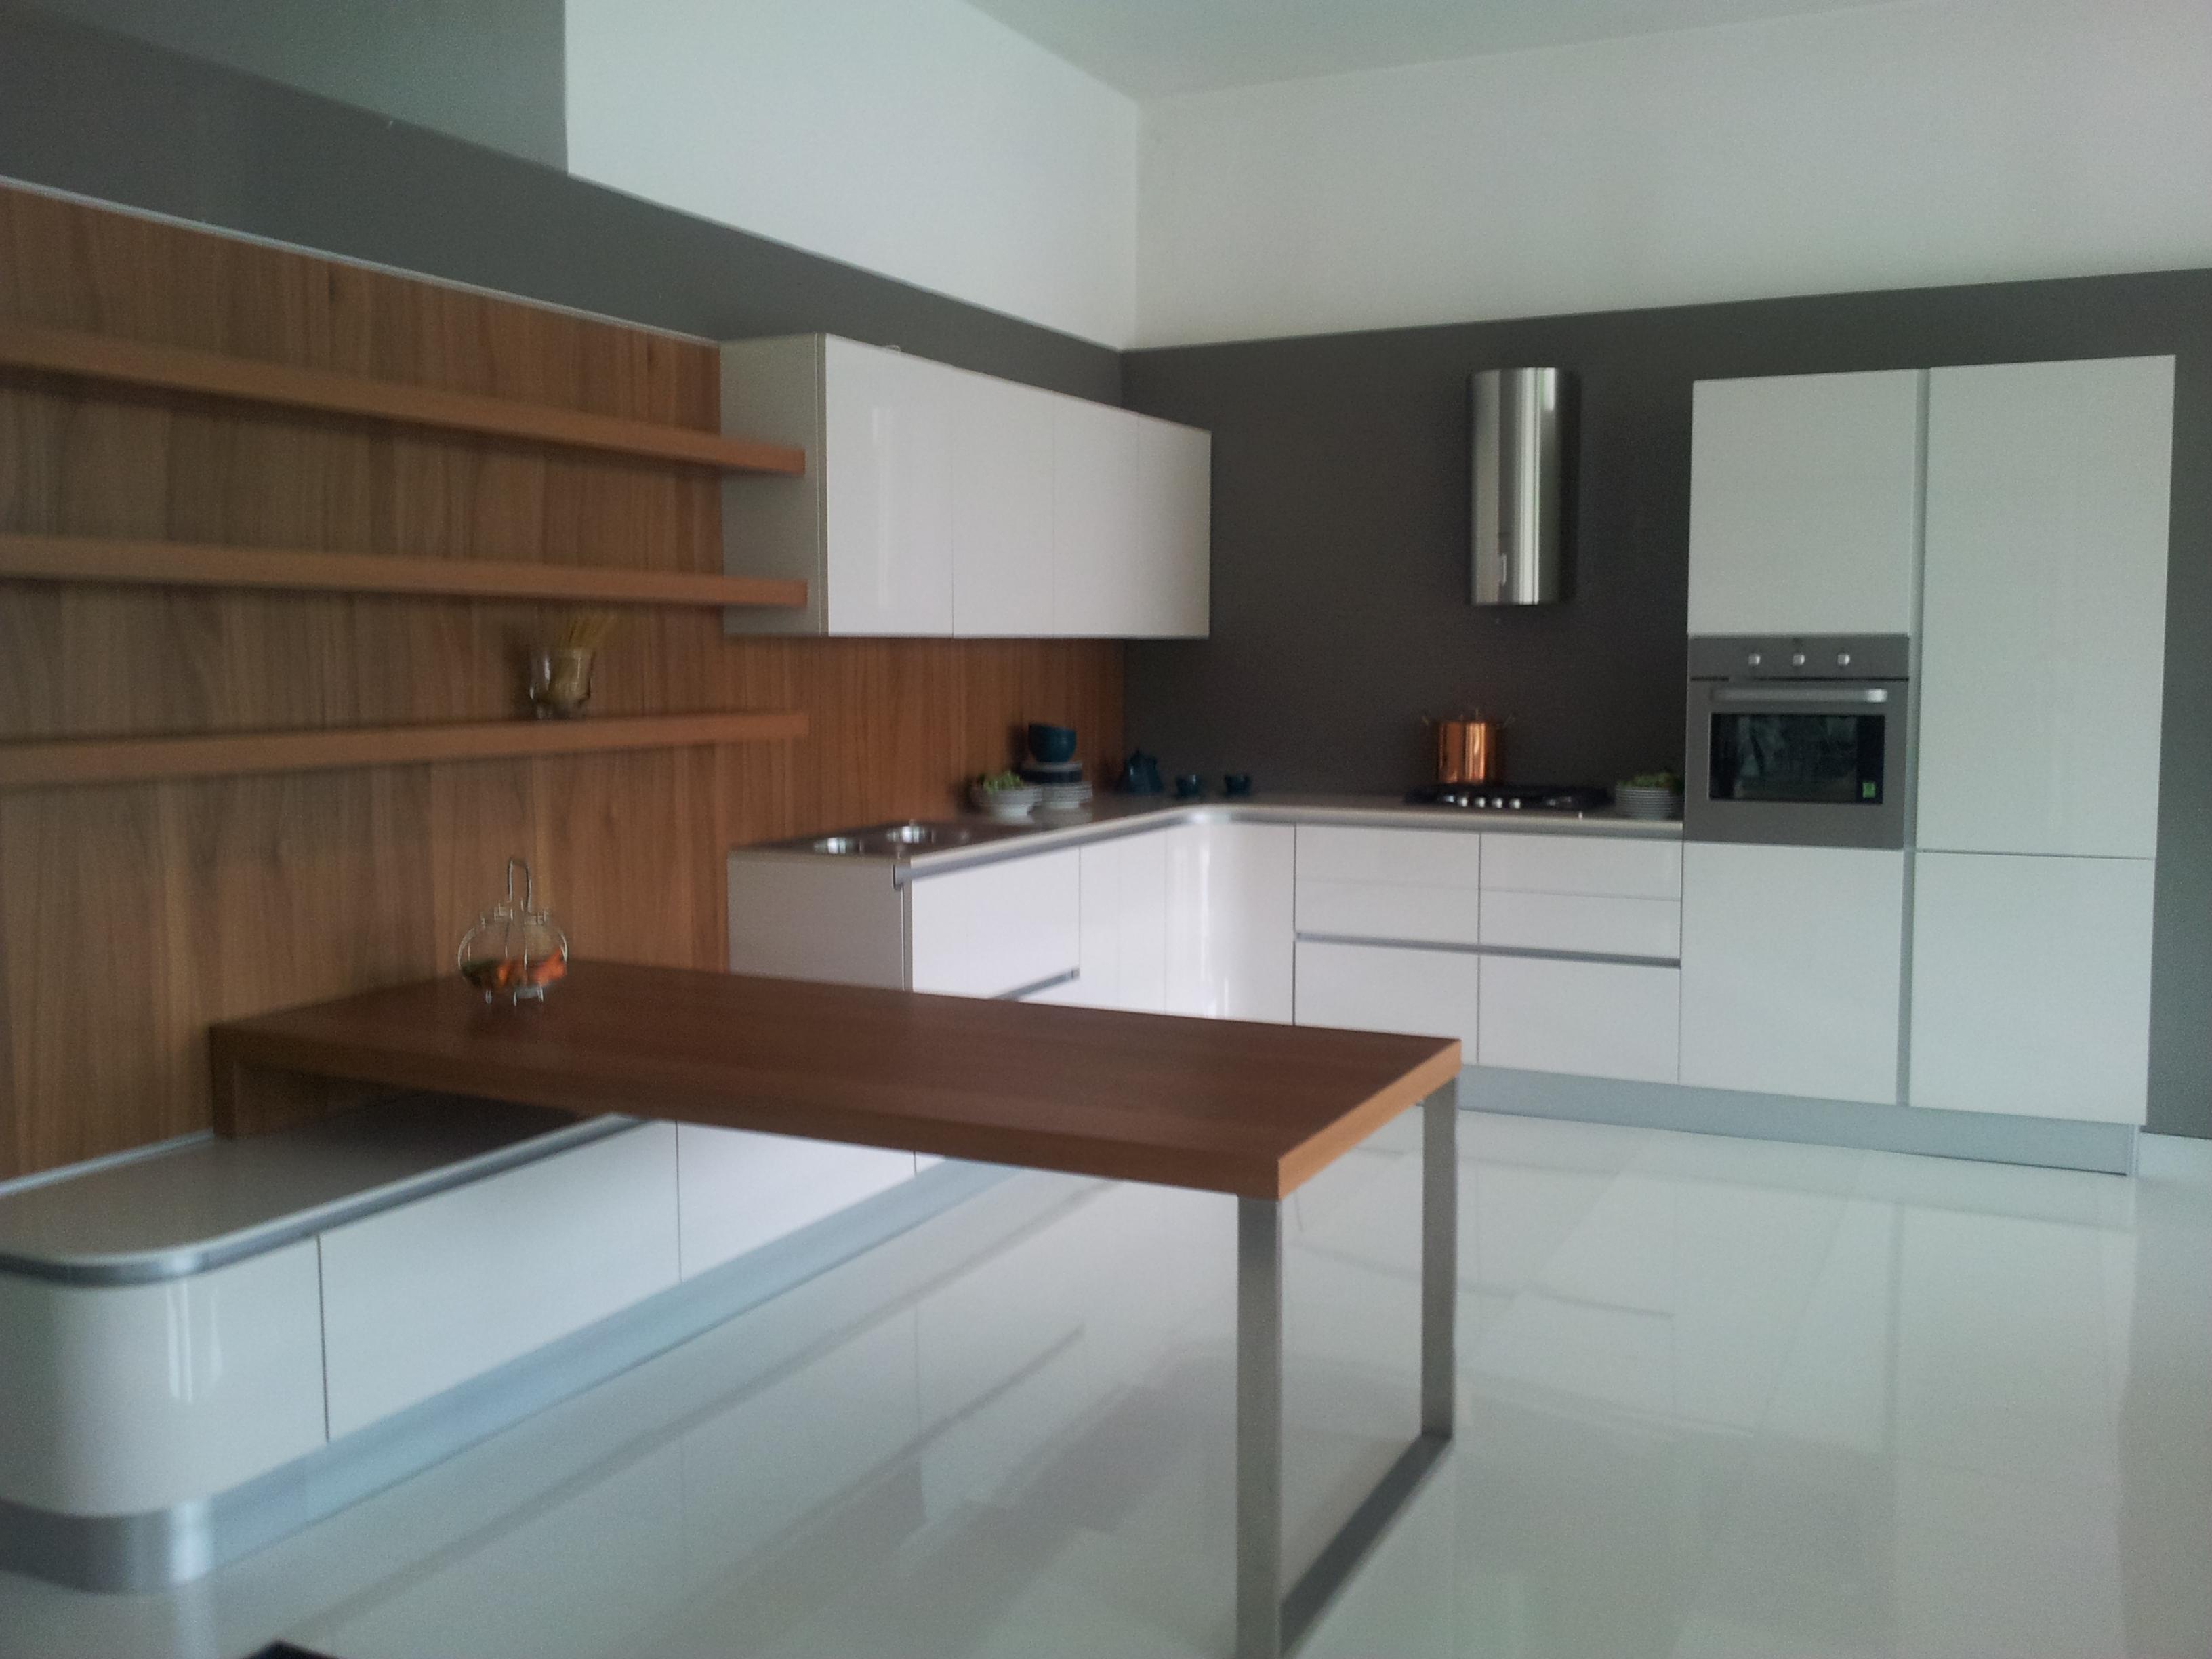 Mobili lavelli cucina doimo prezzi - Prezzi doimo cucine ...